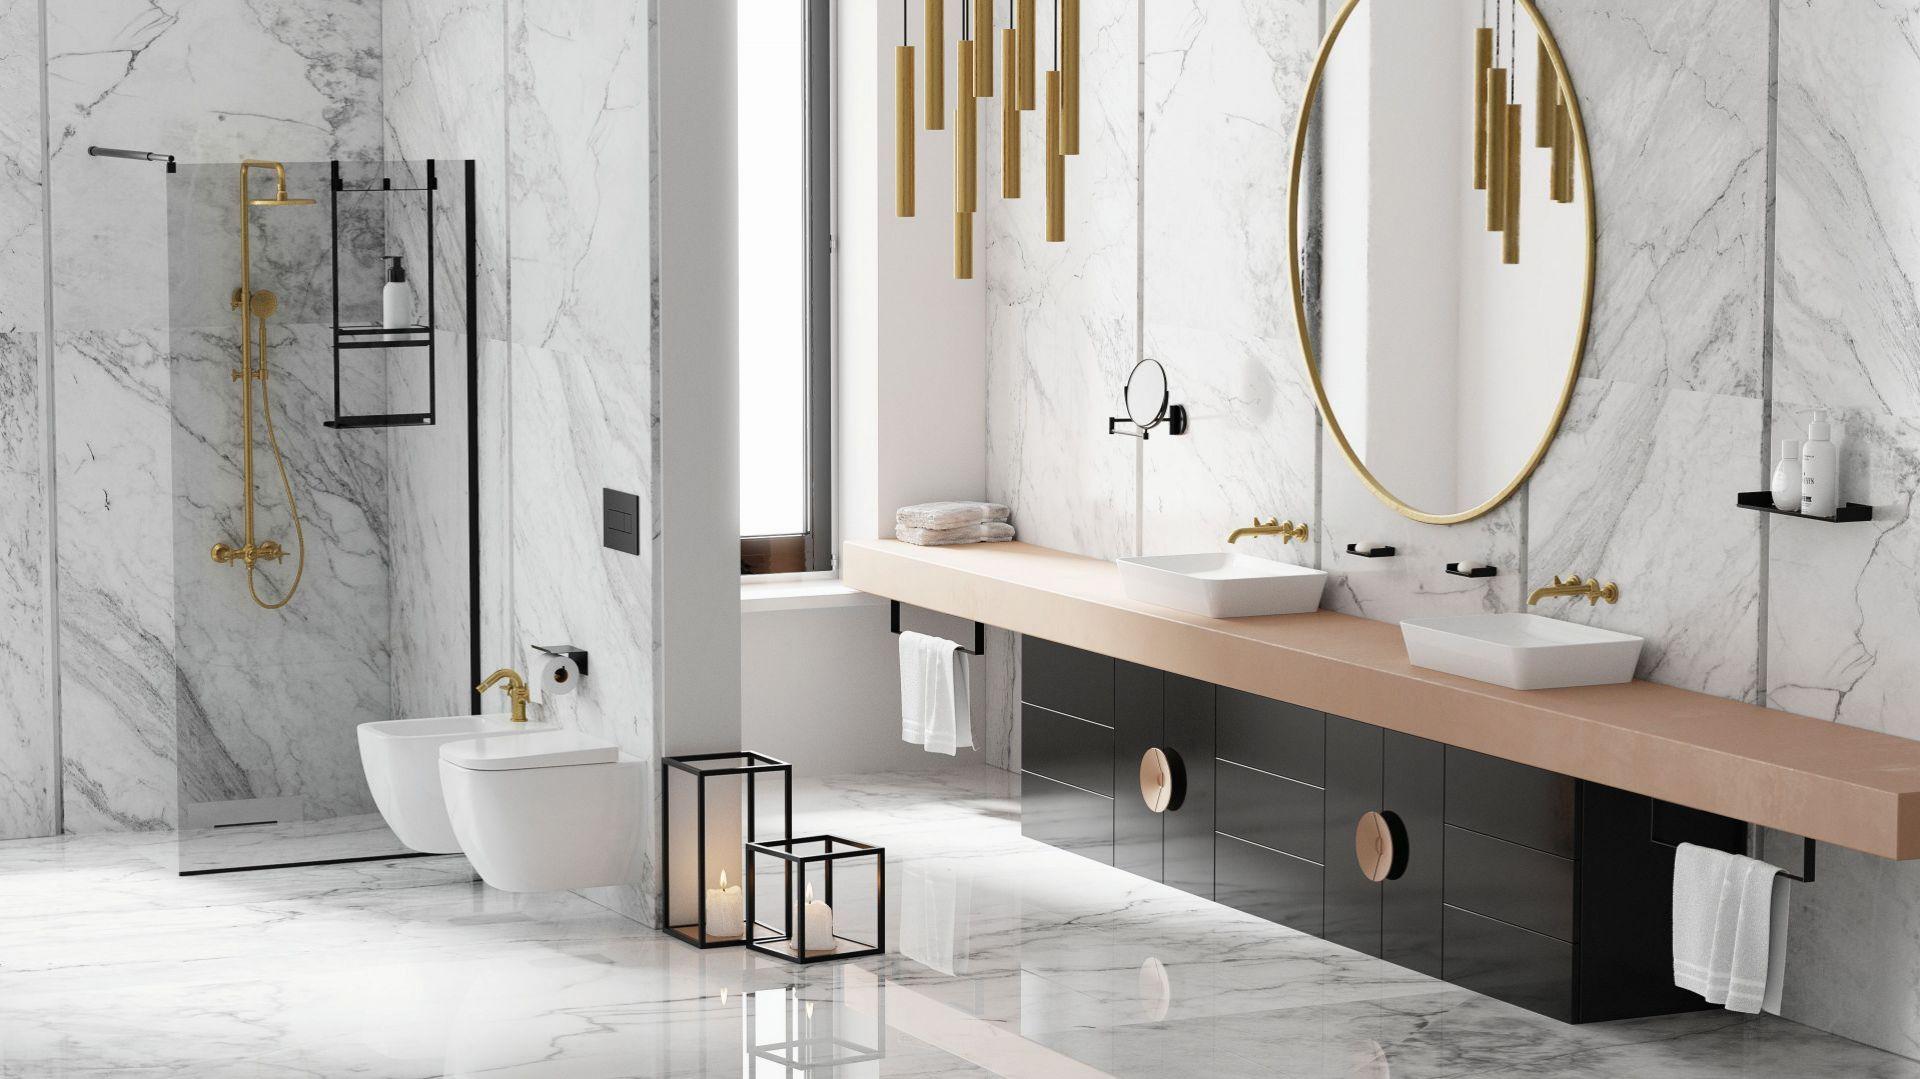 Baterie umywalkowe Teramiso Brass w pięknym, złotym kolorze. Podkreślą styl i elegancję w łazience urządzanej w każdym stylu. Dostępne w ofercie firmy Deant. Fot. Deante